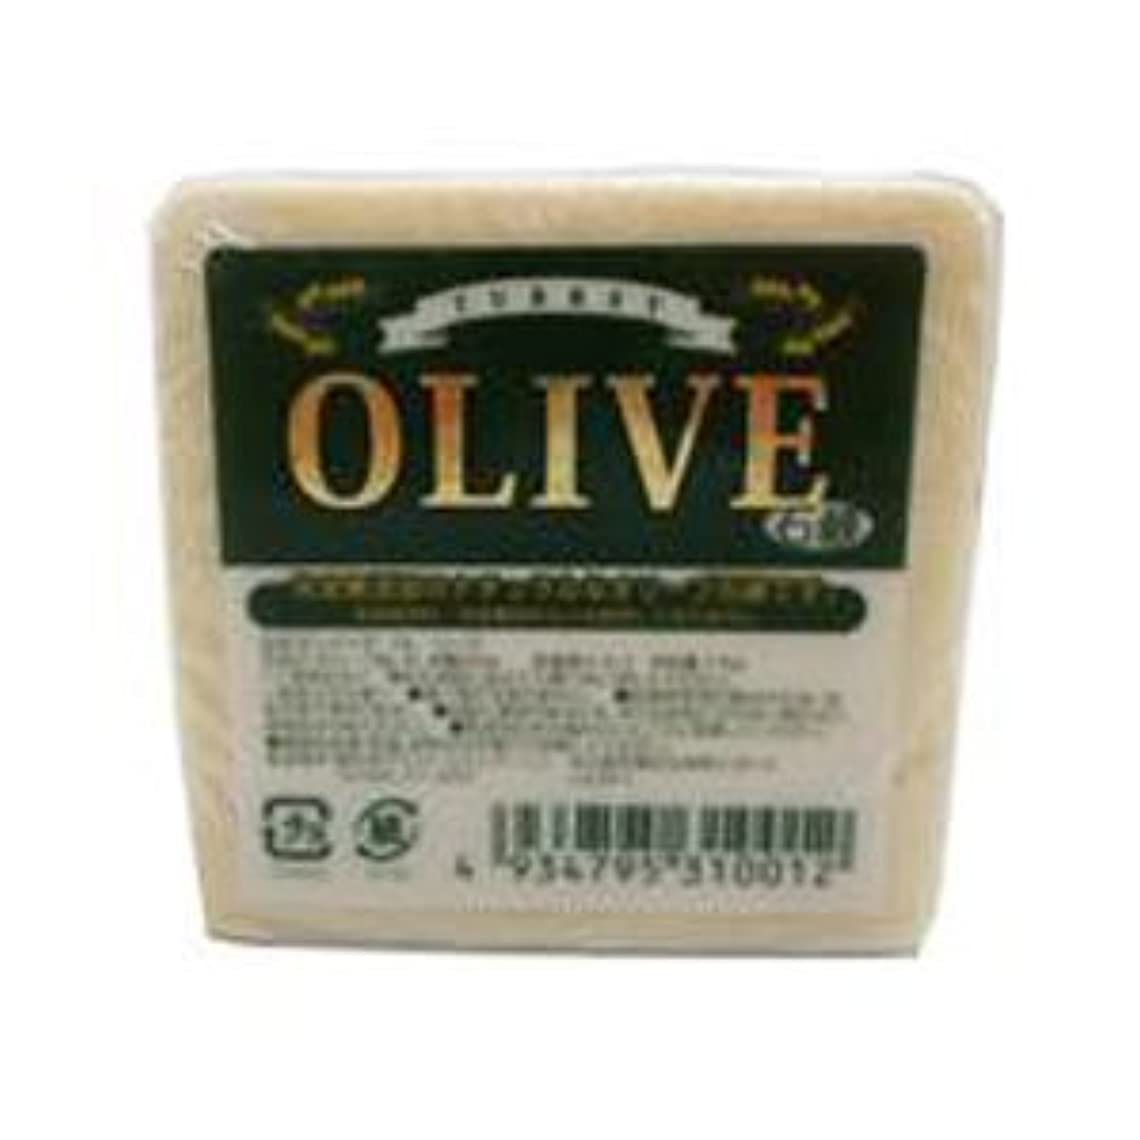 配るソフィー機知に富んだお得な10個セット トルコ産オリーブを使用した無添加石鹸 ターキーオリーブ石鹸 135g